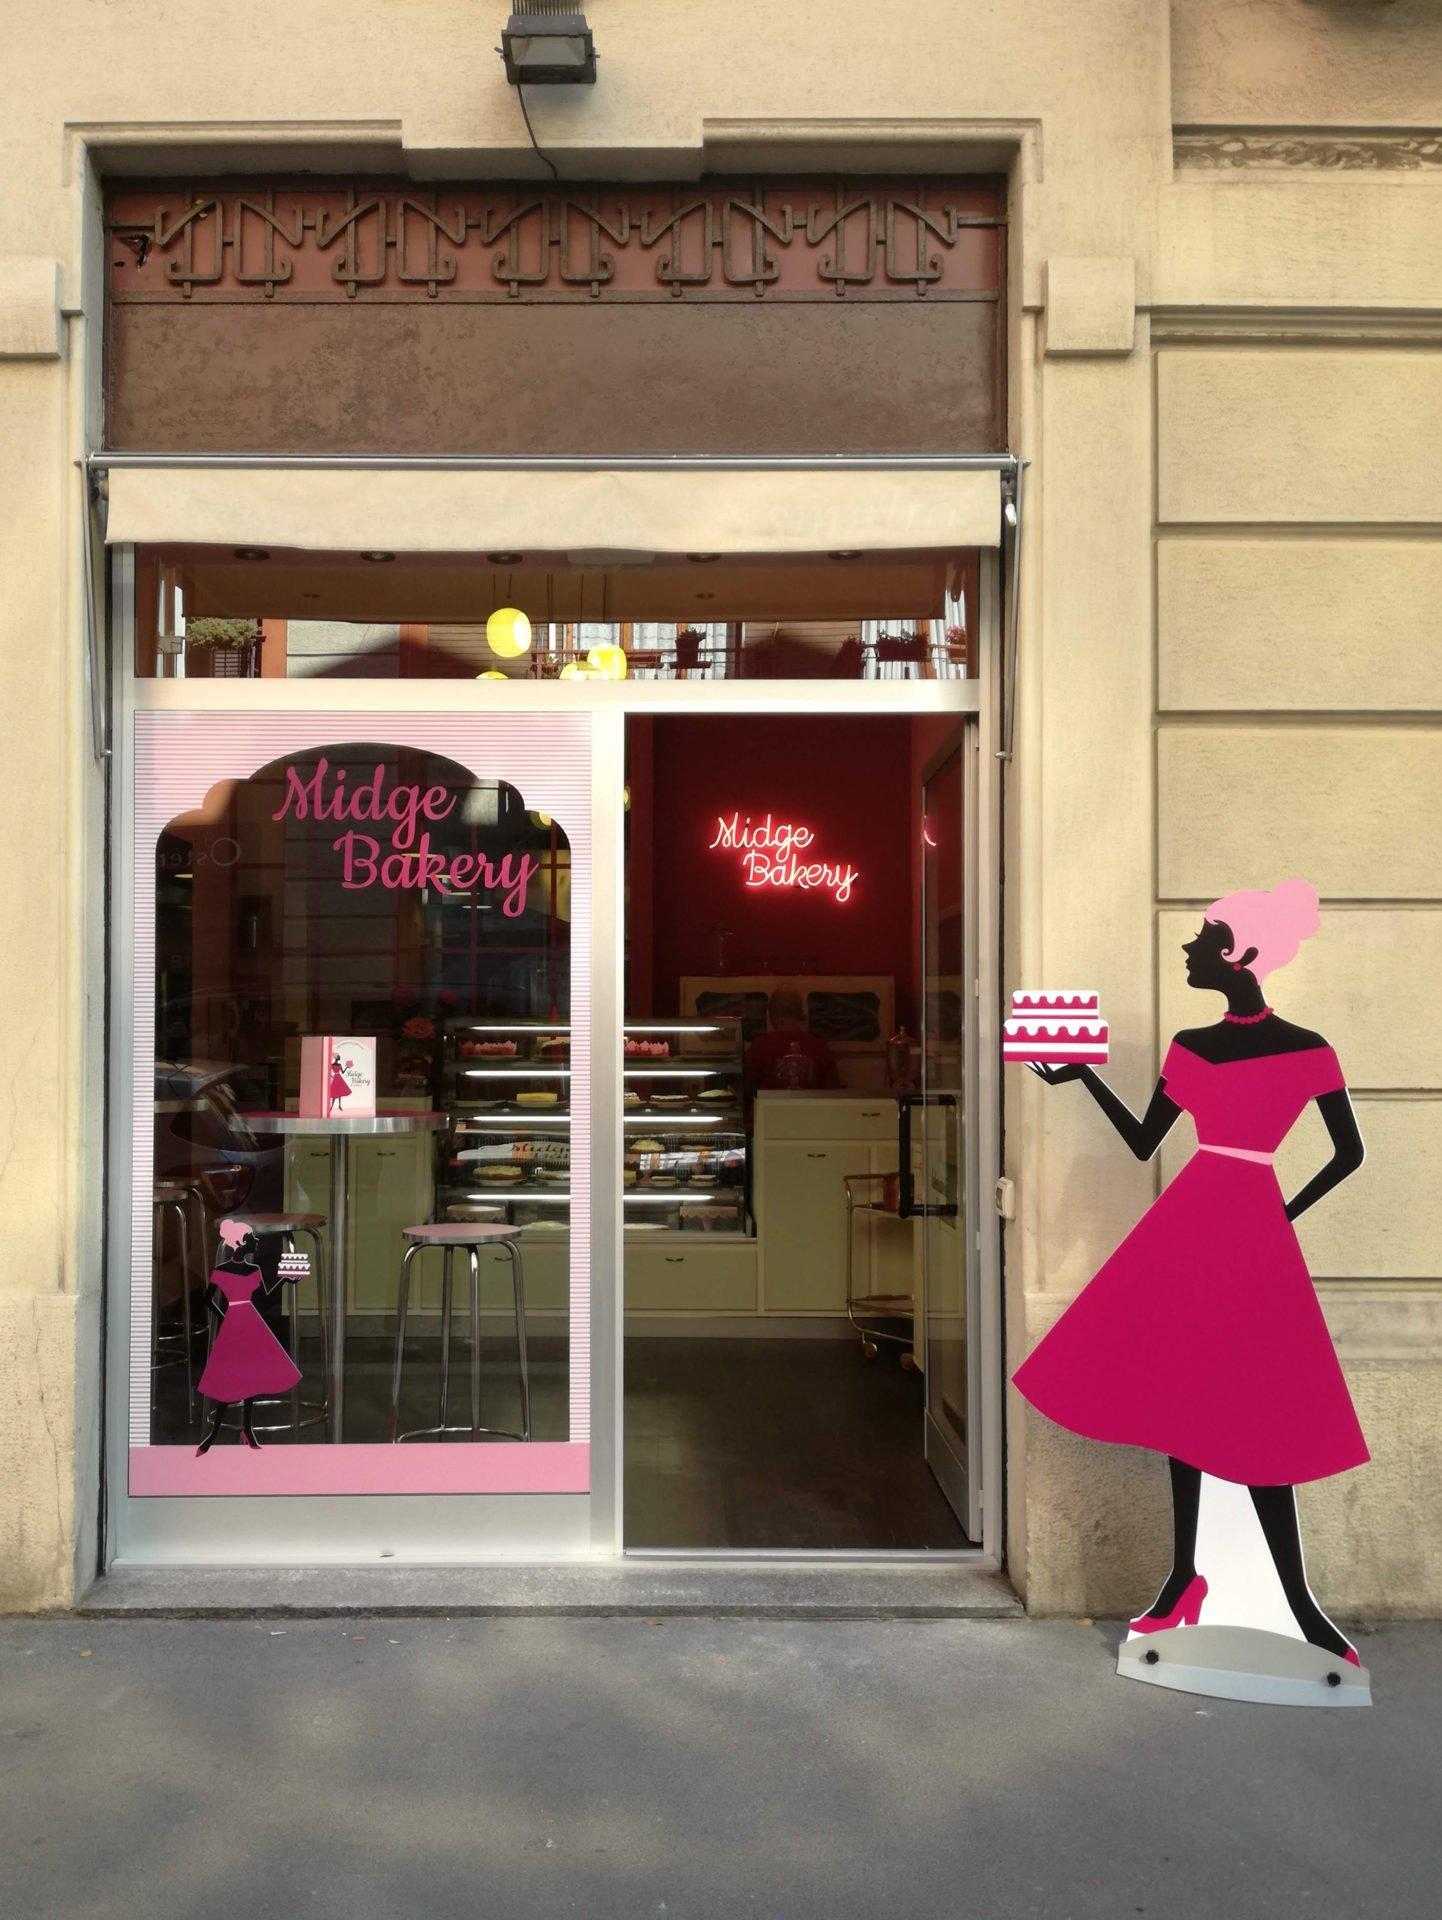 sublime food midge bakery 2 1 1442x1920 1